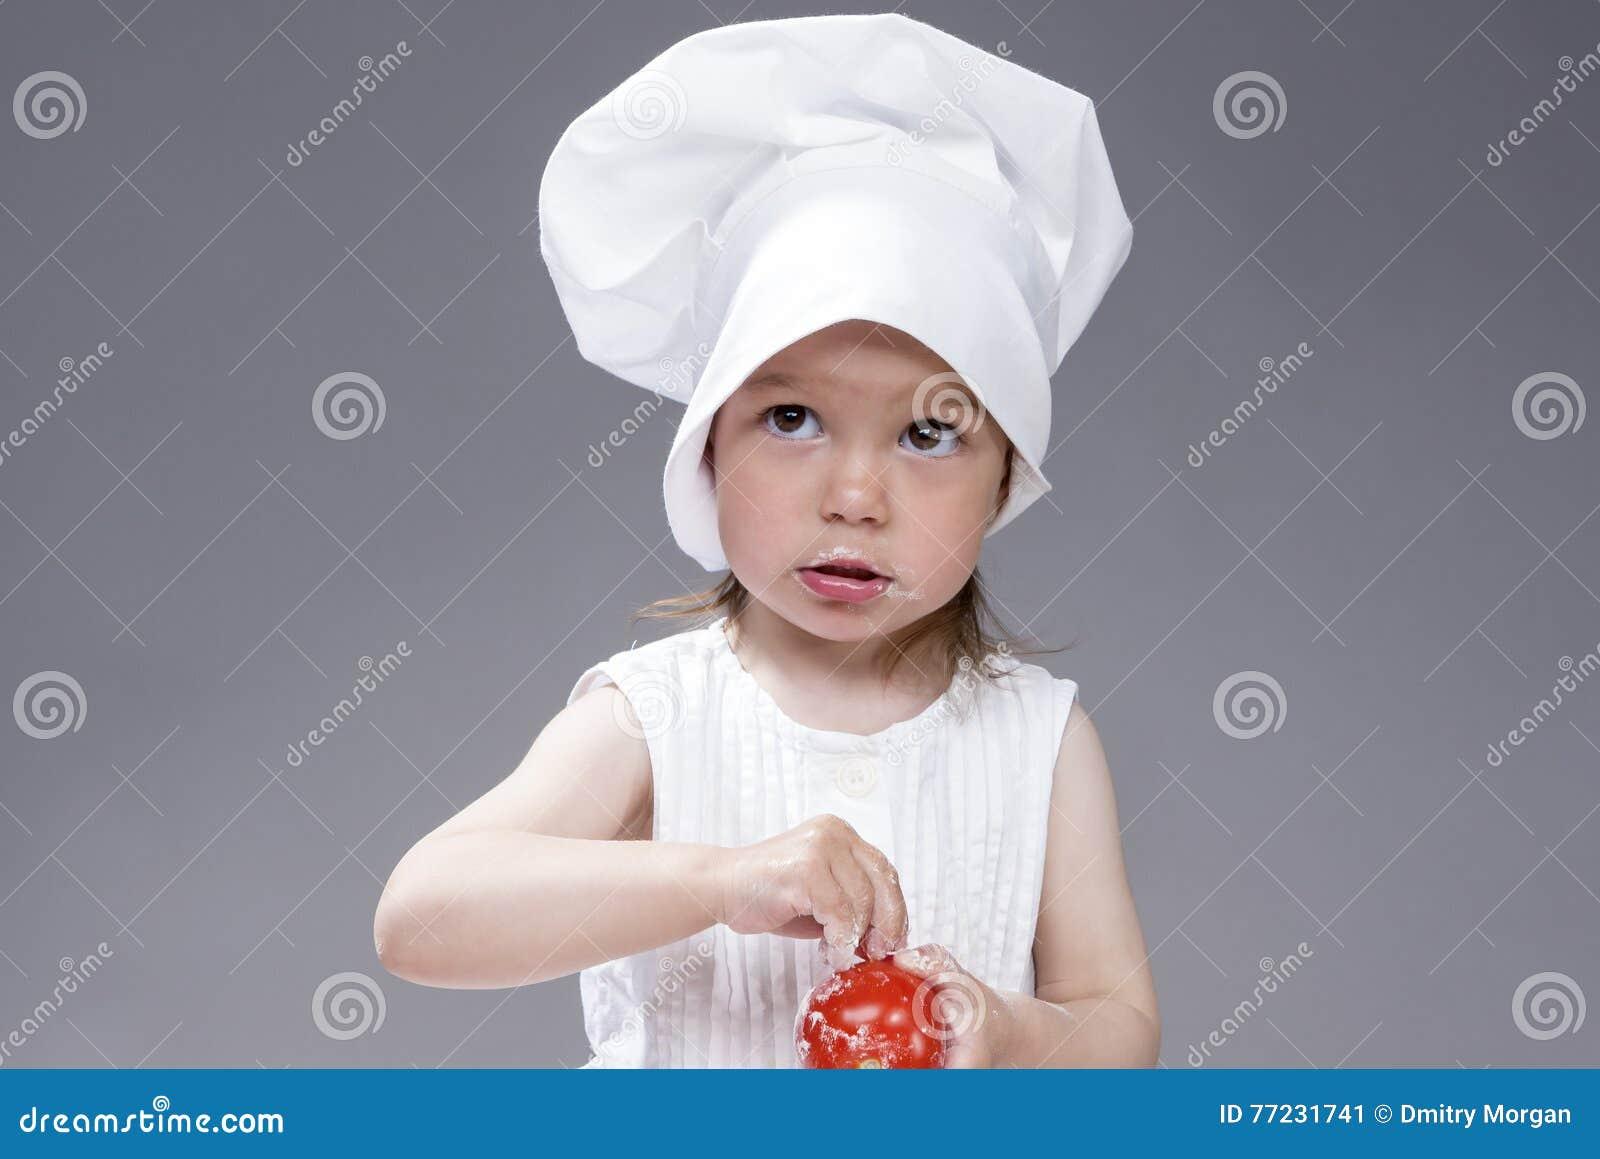 Leuke Keuken Ideeen.Keuken En Het Koken Concepten En Ideeen Portret Van Het Mooie Leuke